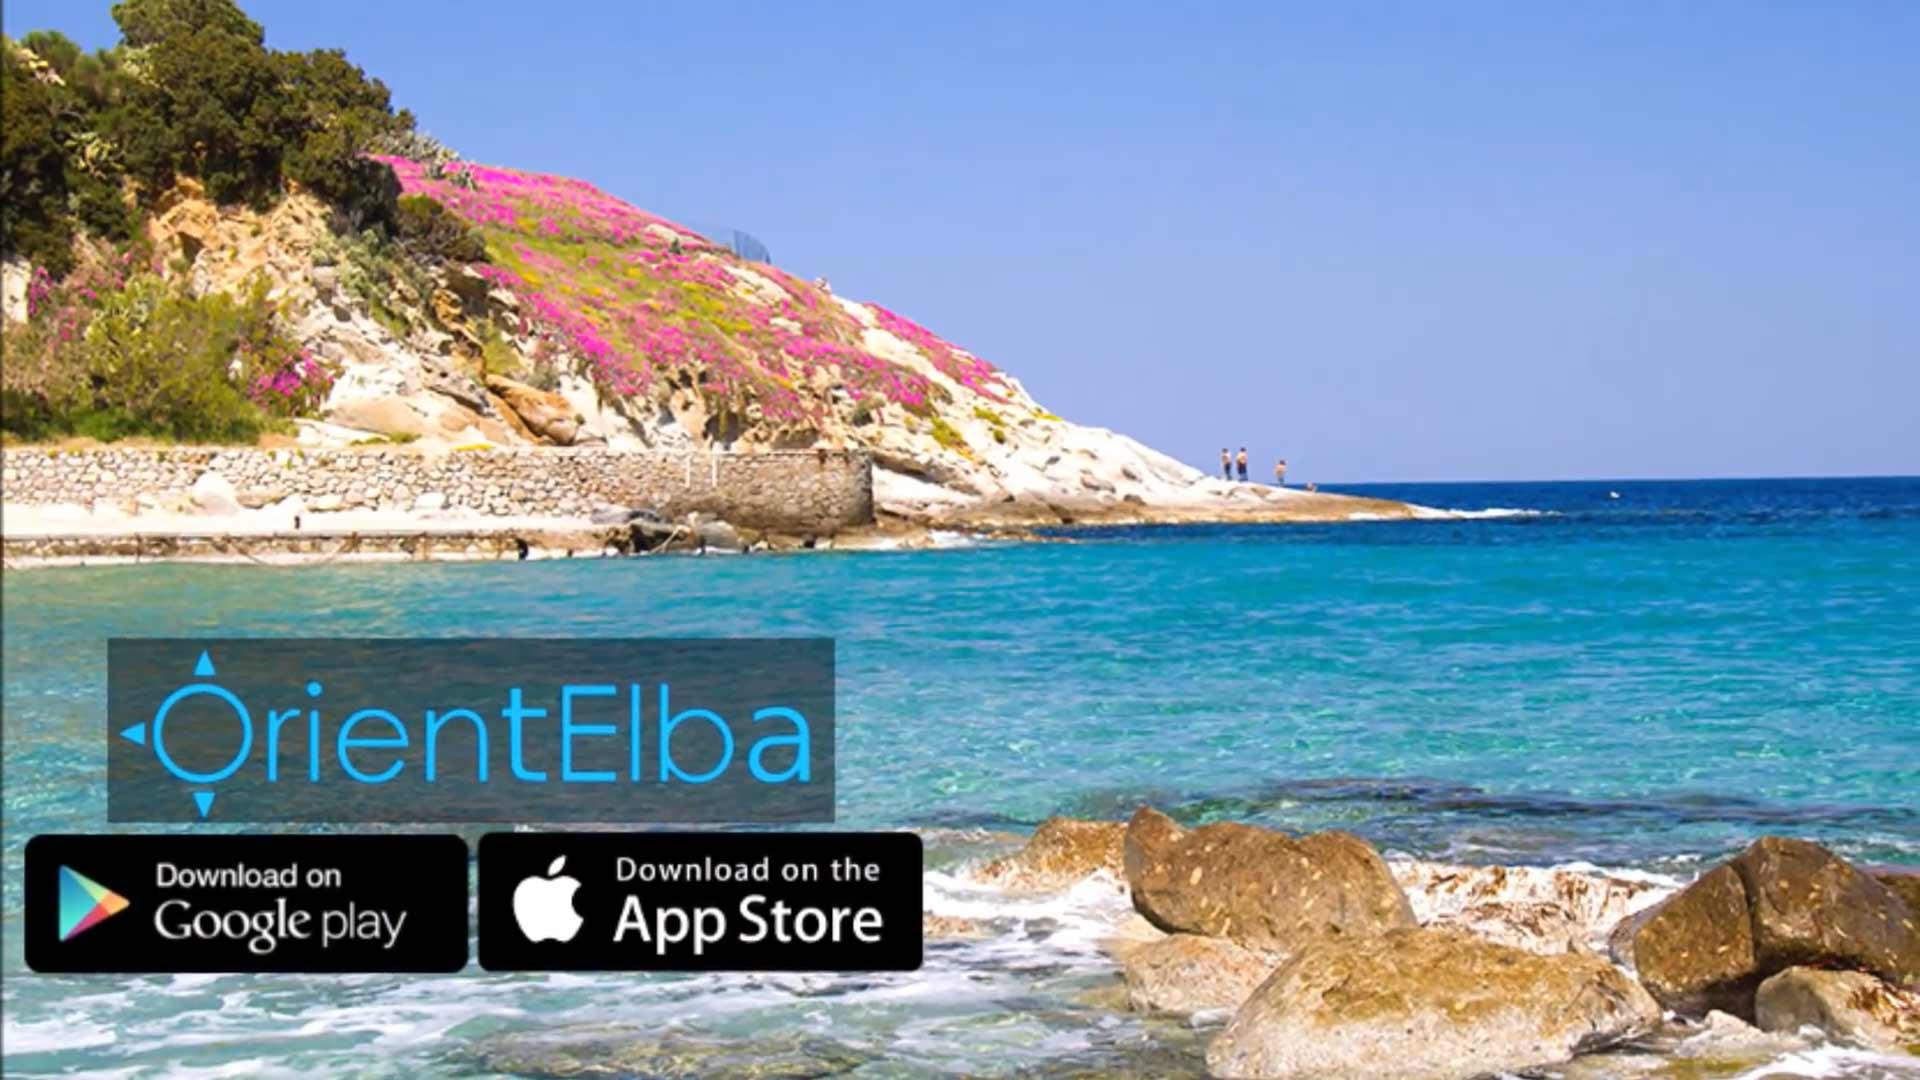 L'app per scegliere la spiaggia dell'Elba in base al vento